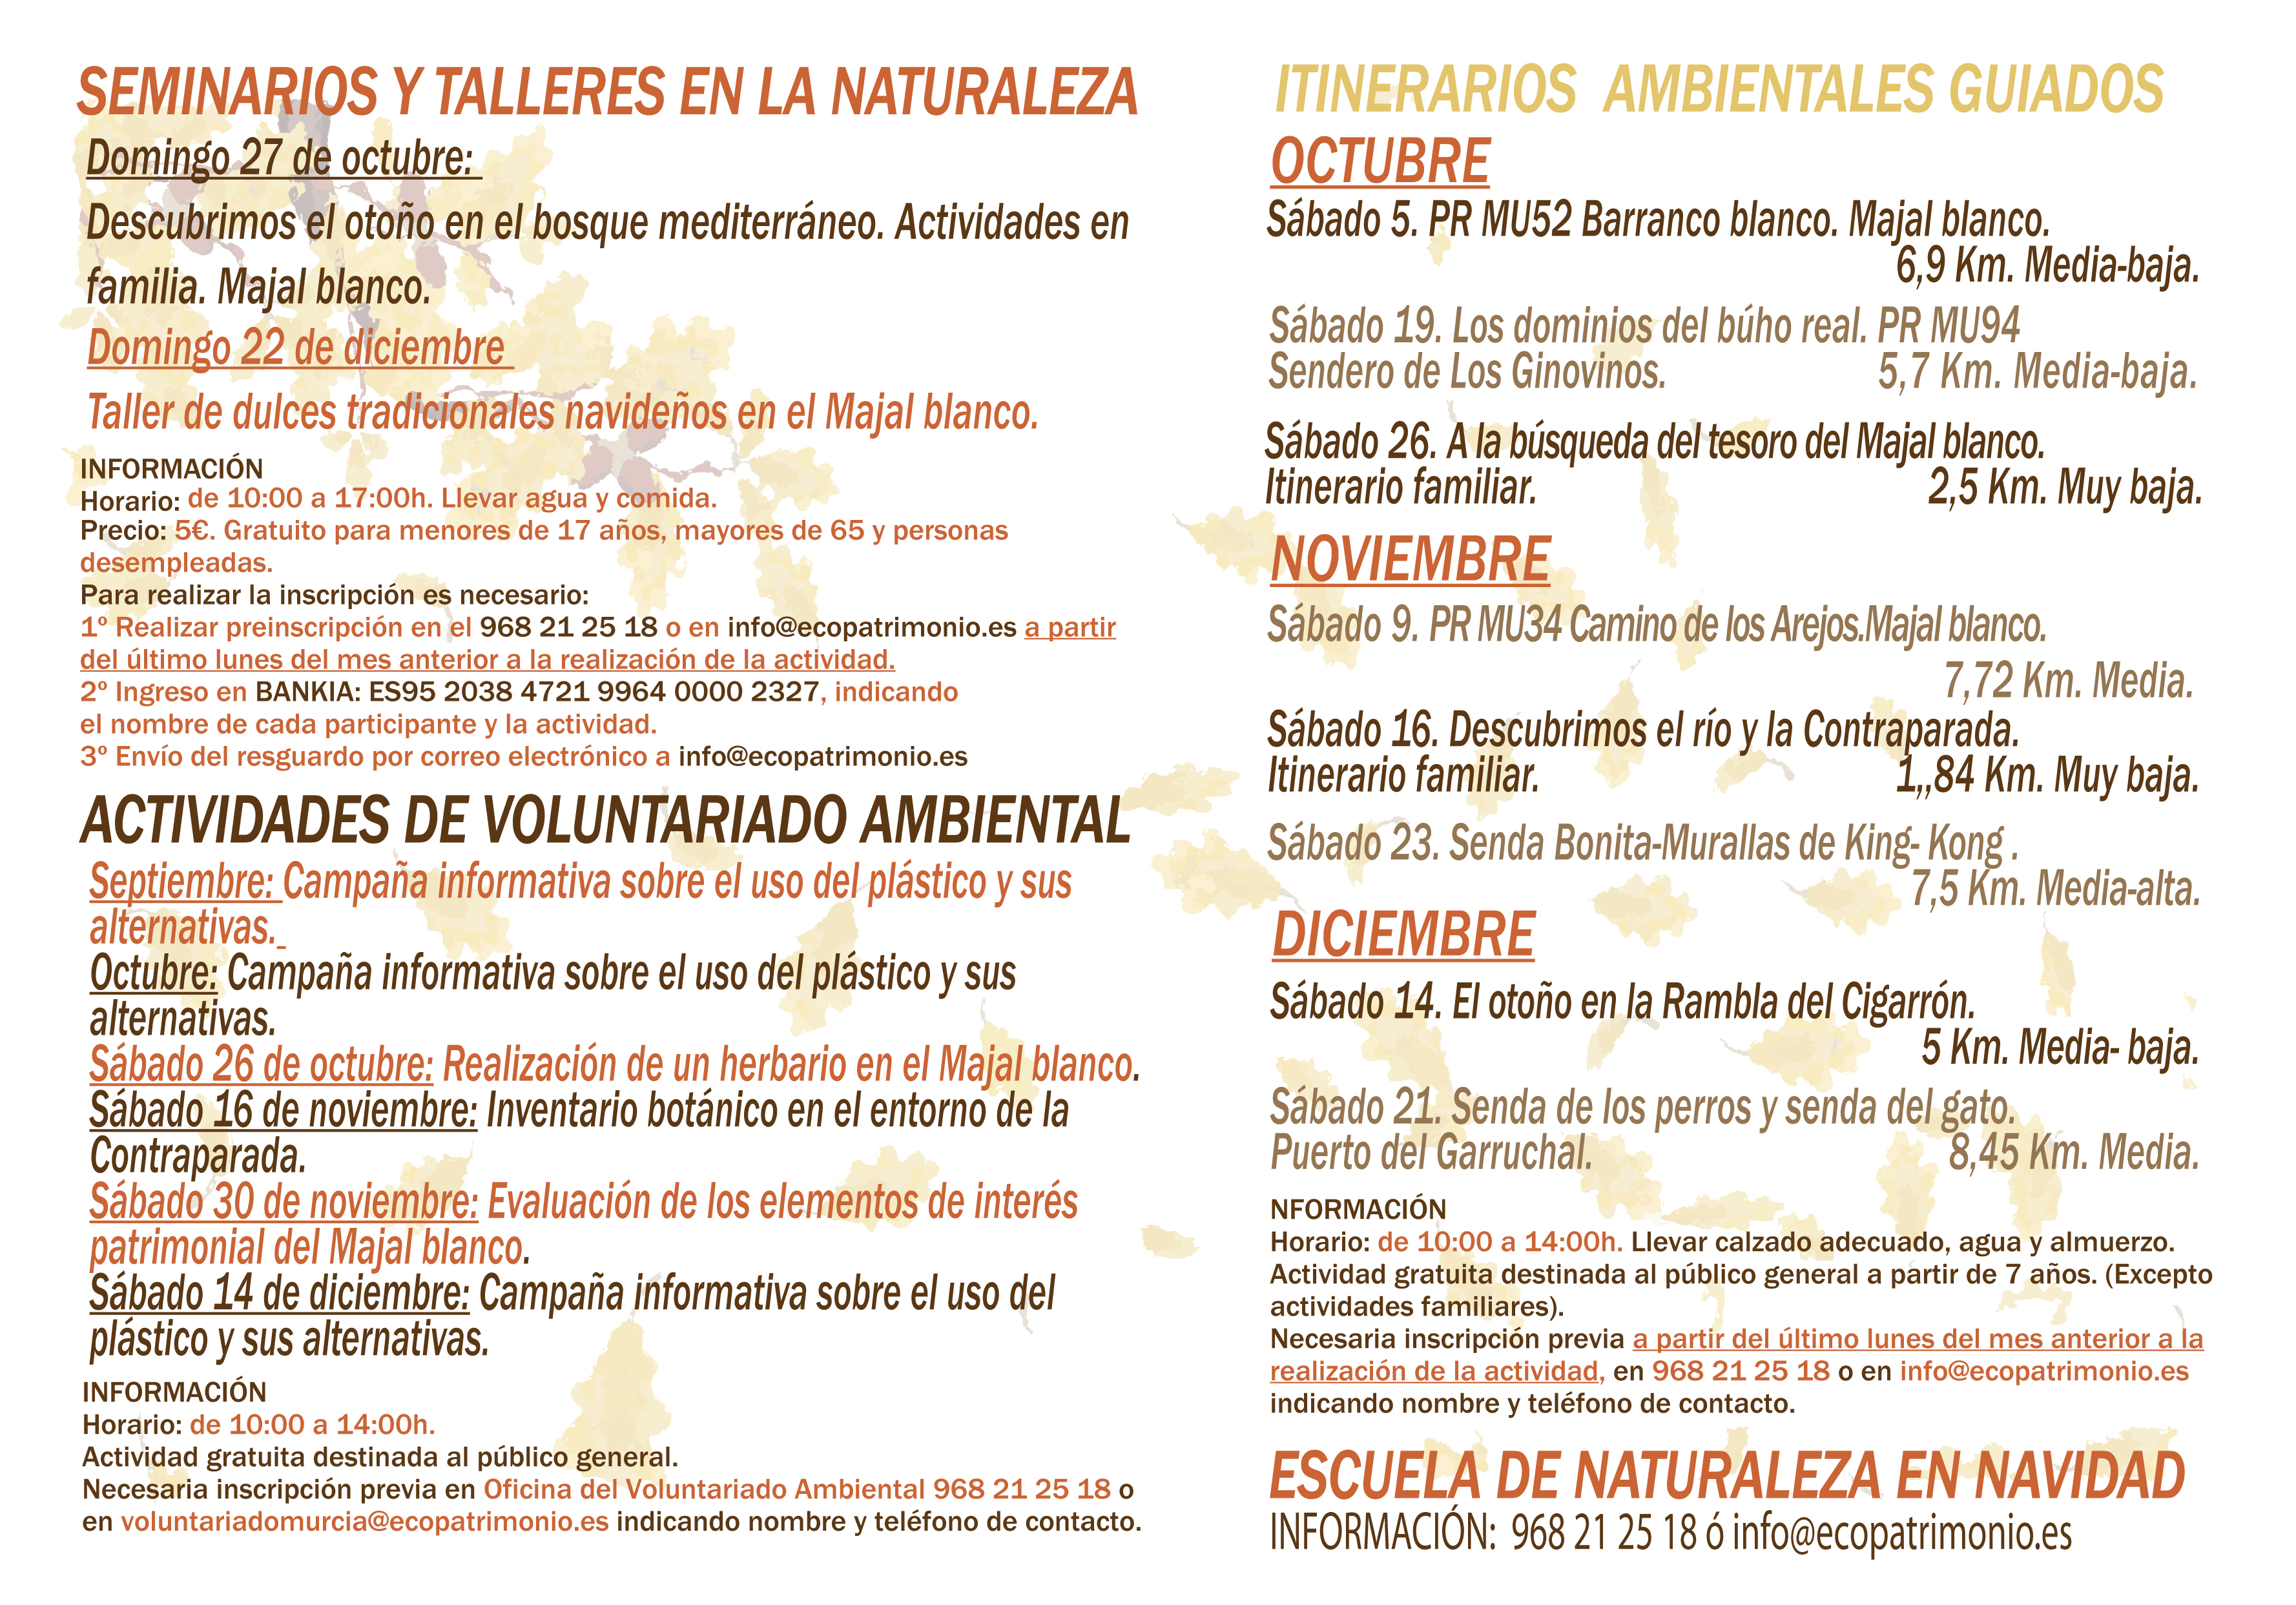 Programa de actividades ambientales, Octubre/Diciembre 2019, Ayto. de Murcia